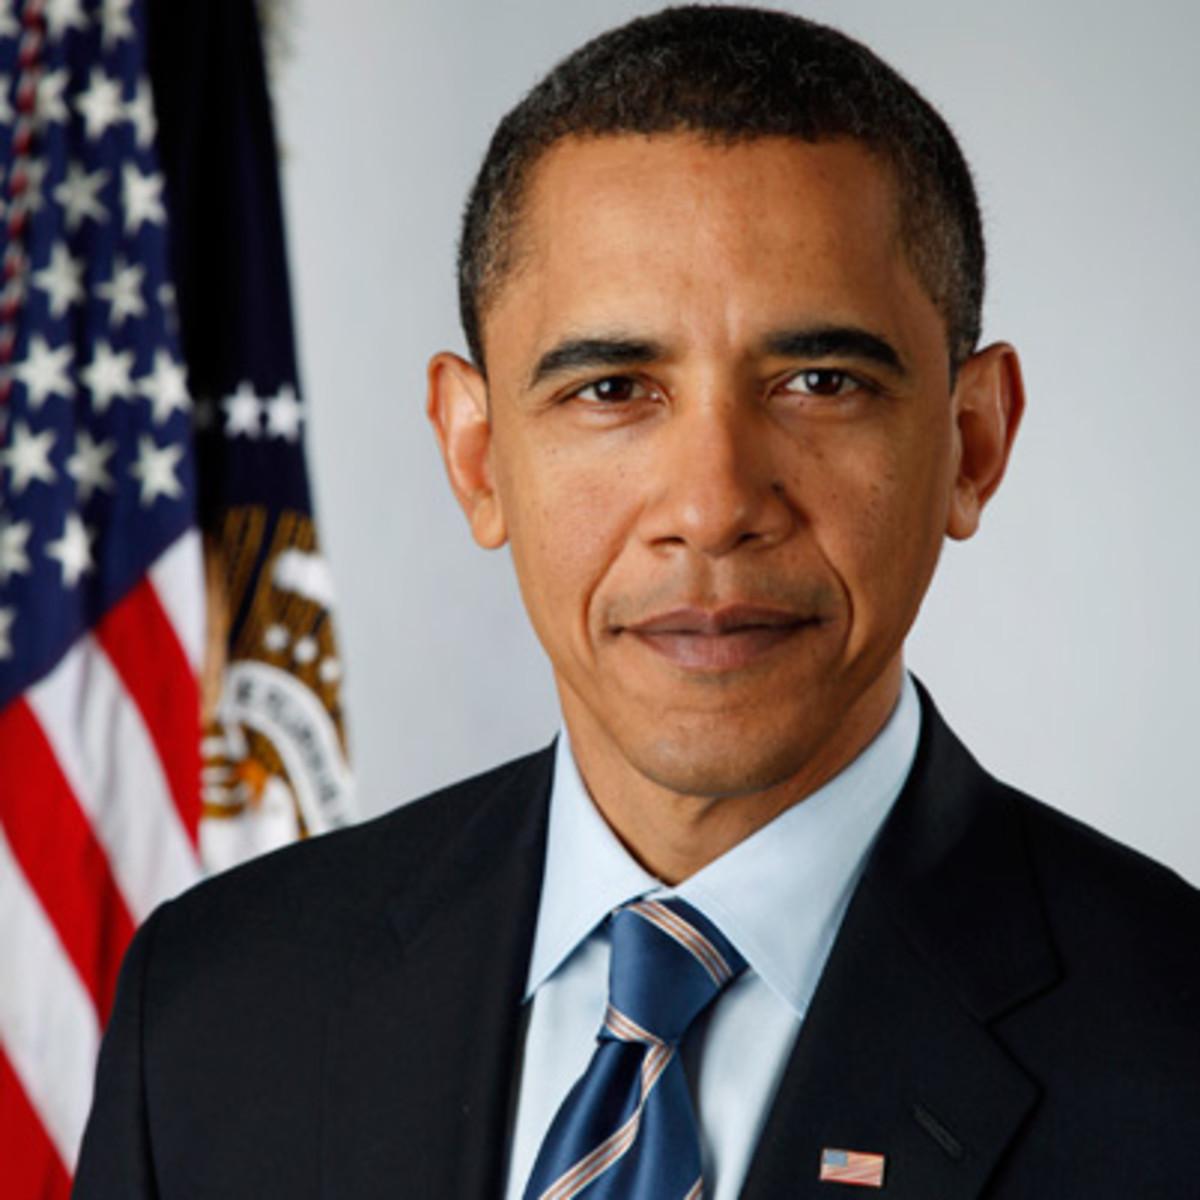 الرئيس الأمريكي السابق يدخل مجال الإنتاج التلفزيوني بالتعاون مع شبكة نتفليكس